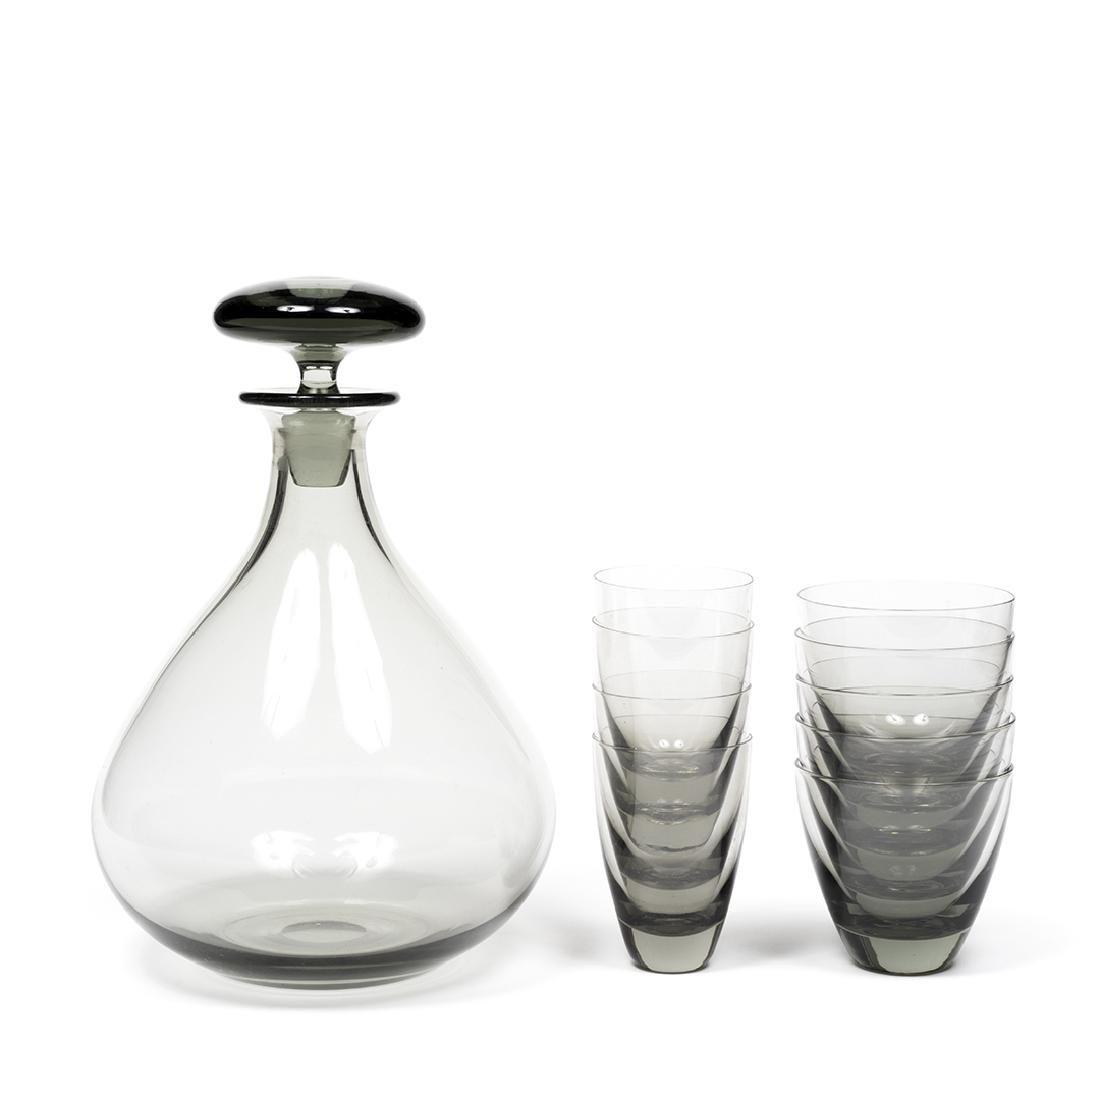 Per Lutken Bottle and Glasses (12) - 2